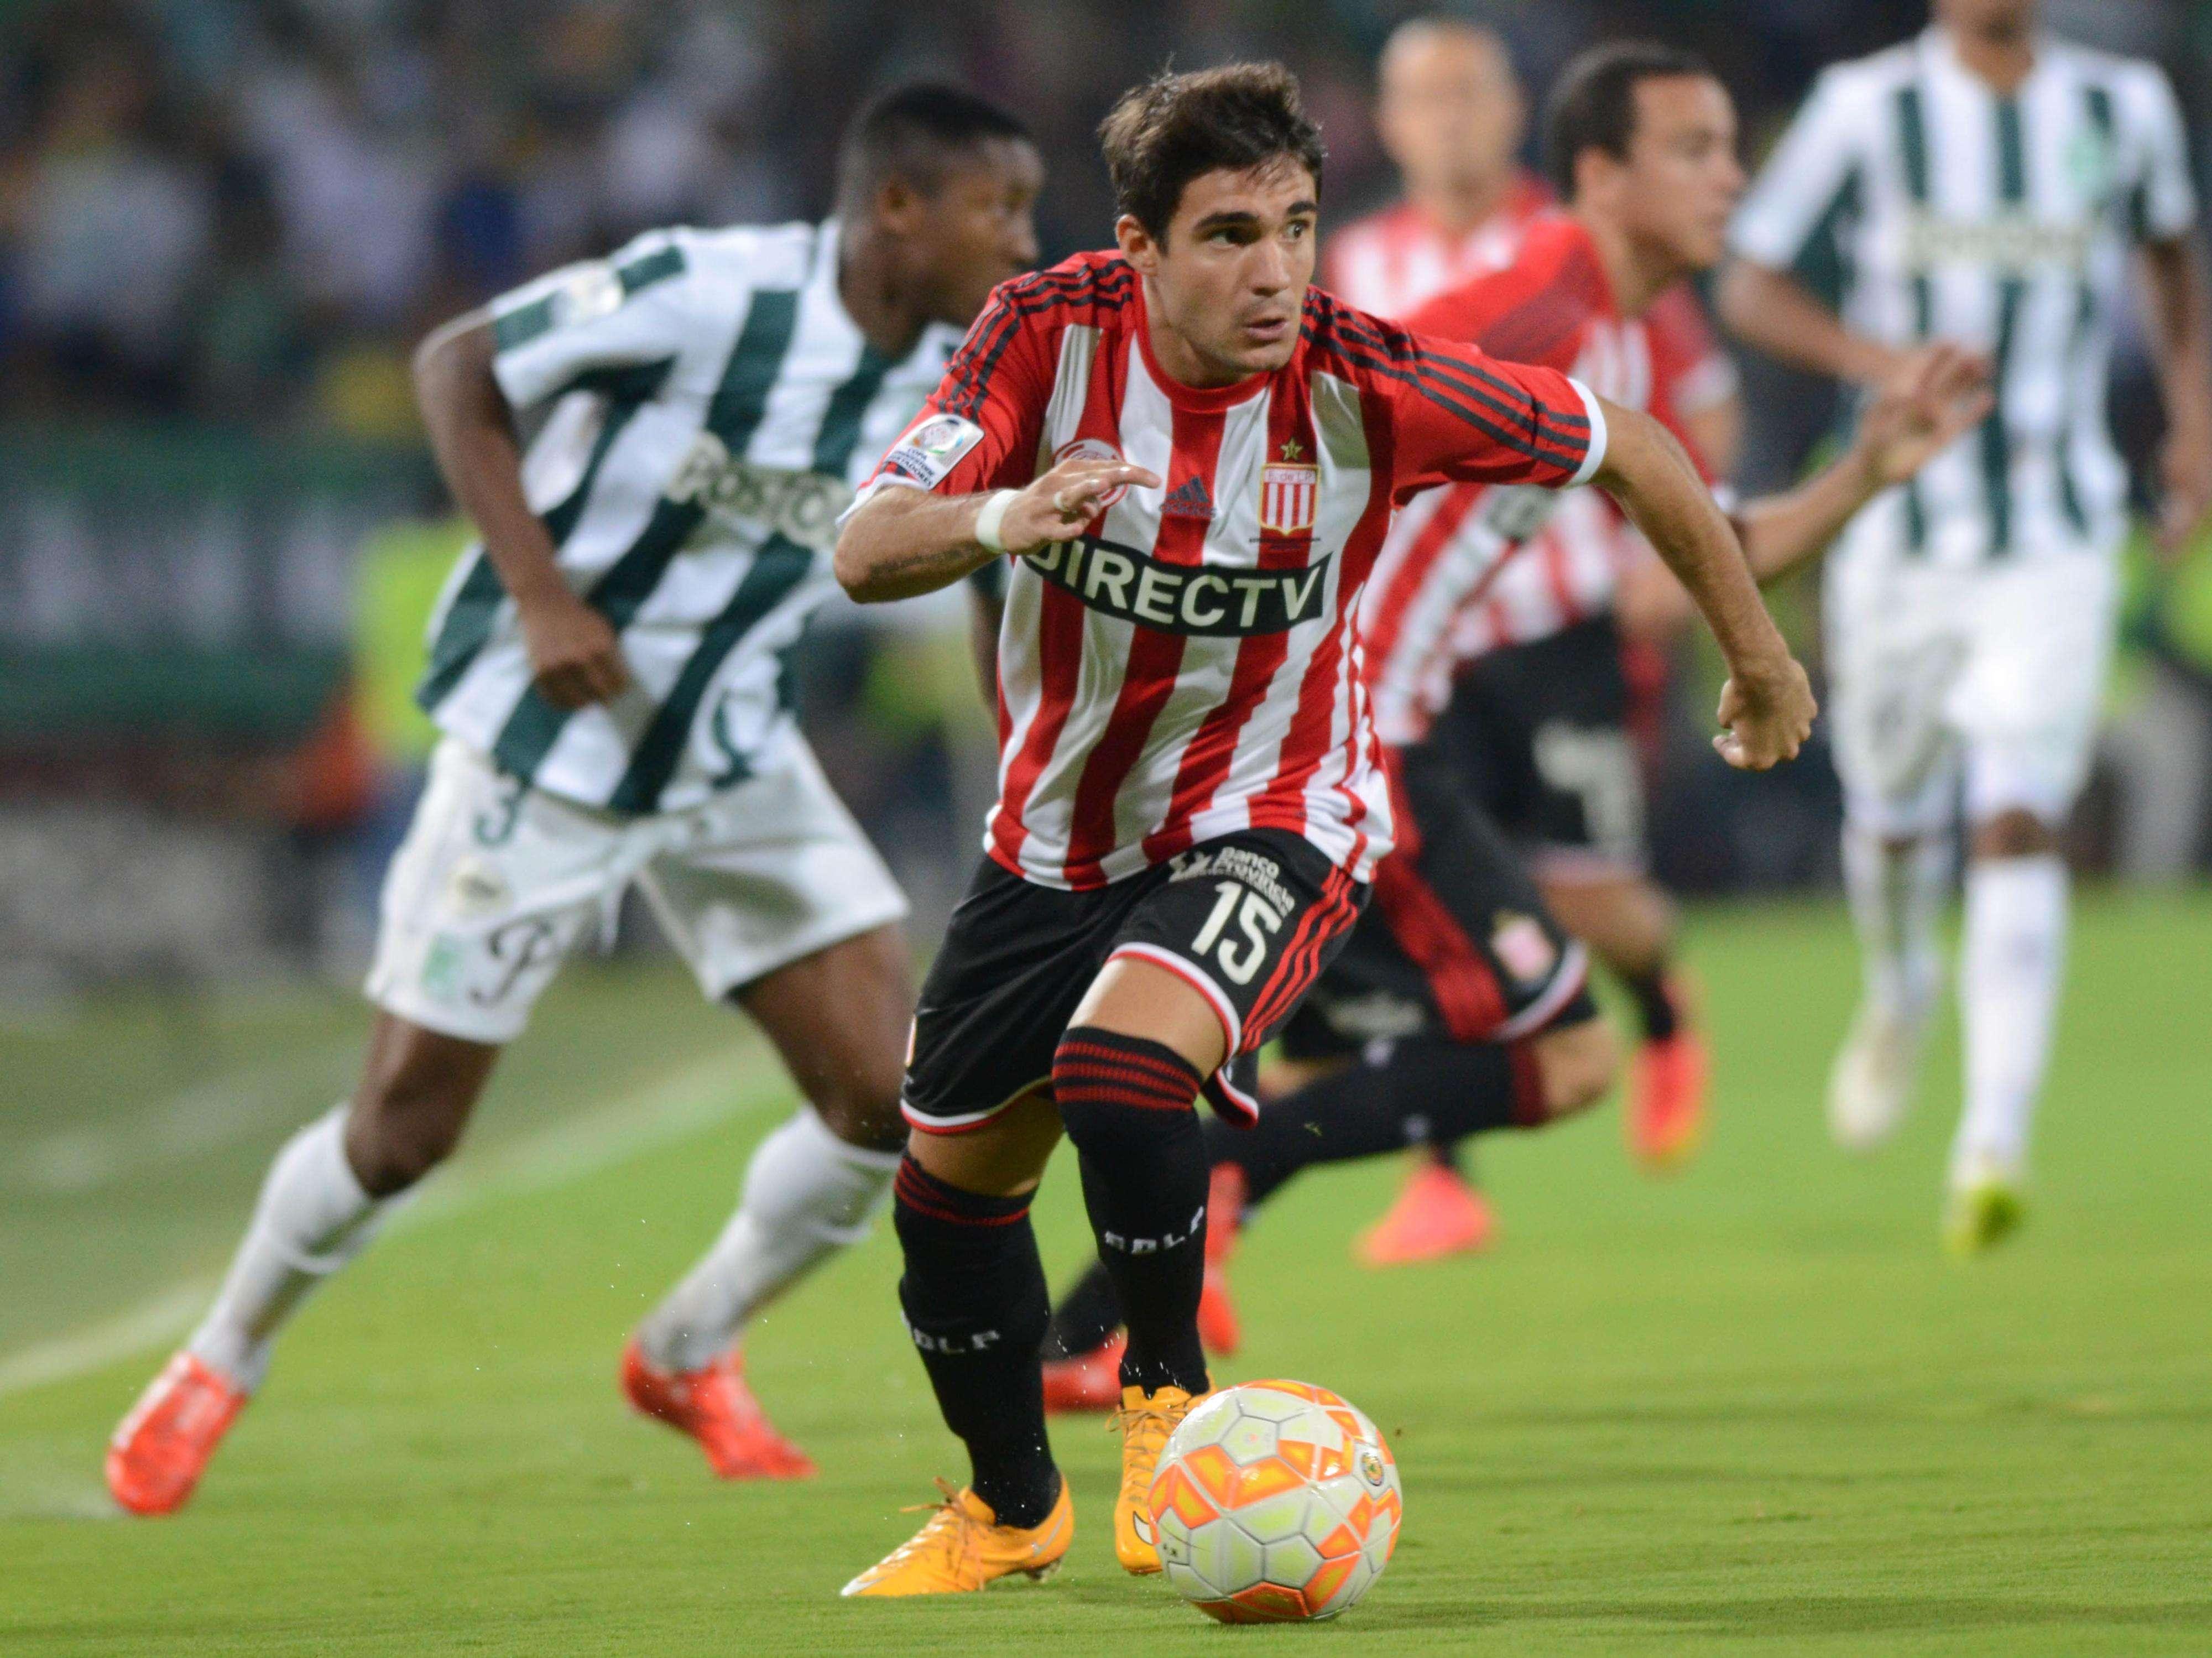 Atlético Nacional y Estudiantes dividen puntos en partido del Grupo 7 de la Copa Libertadores Foto: AP